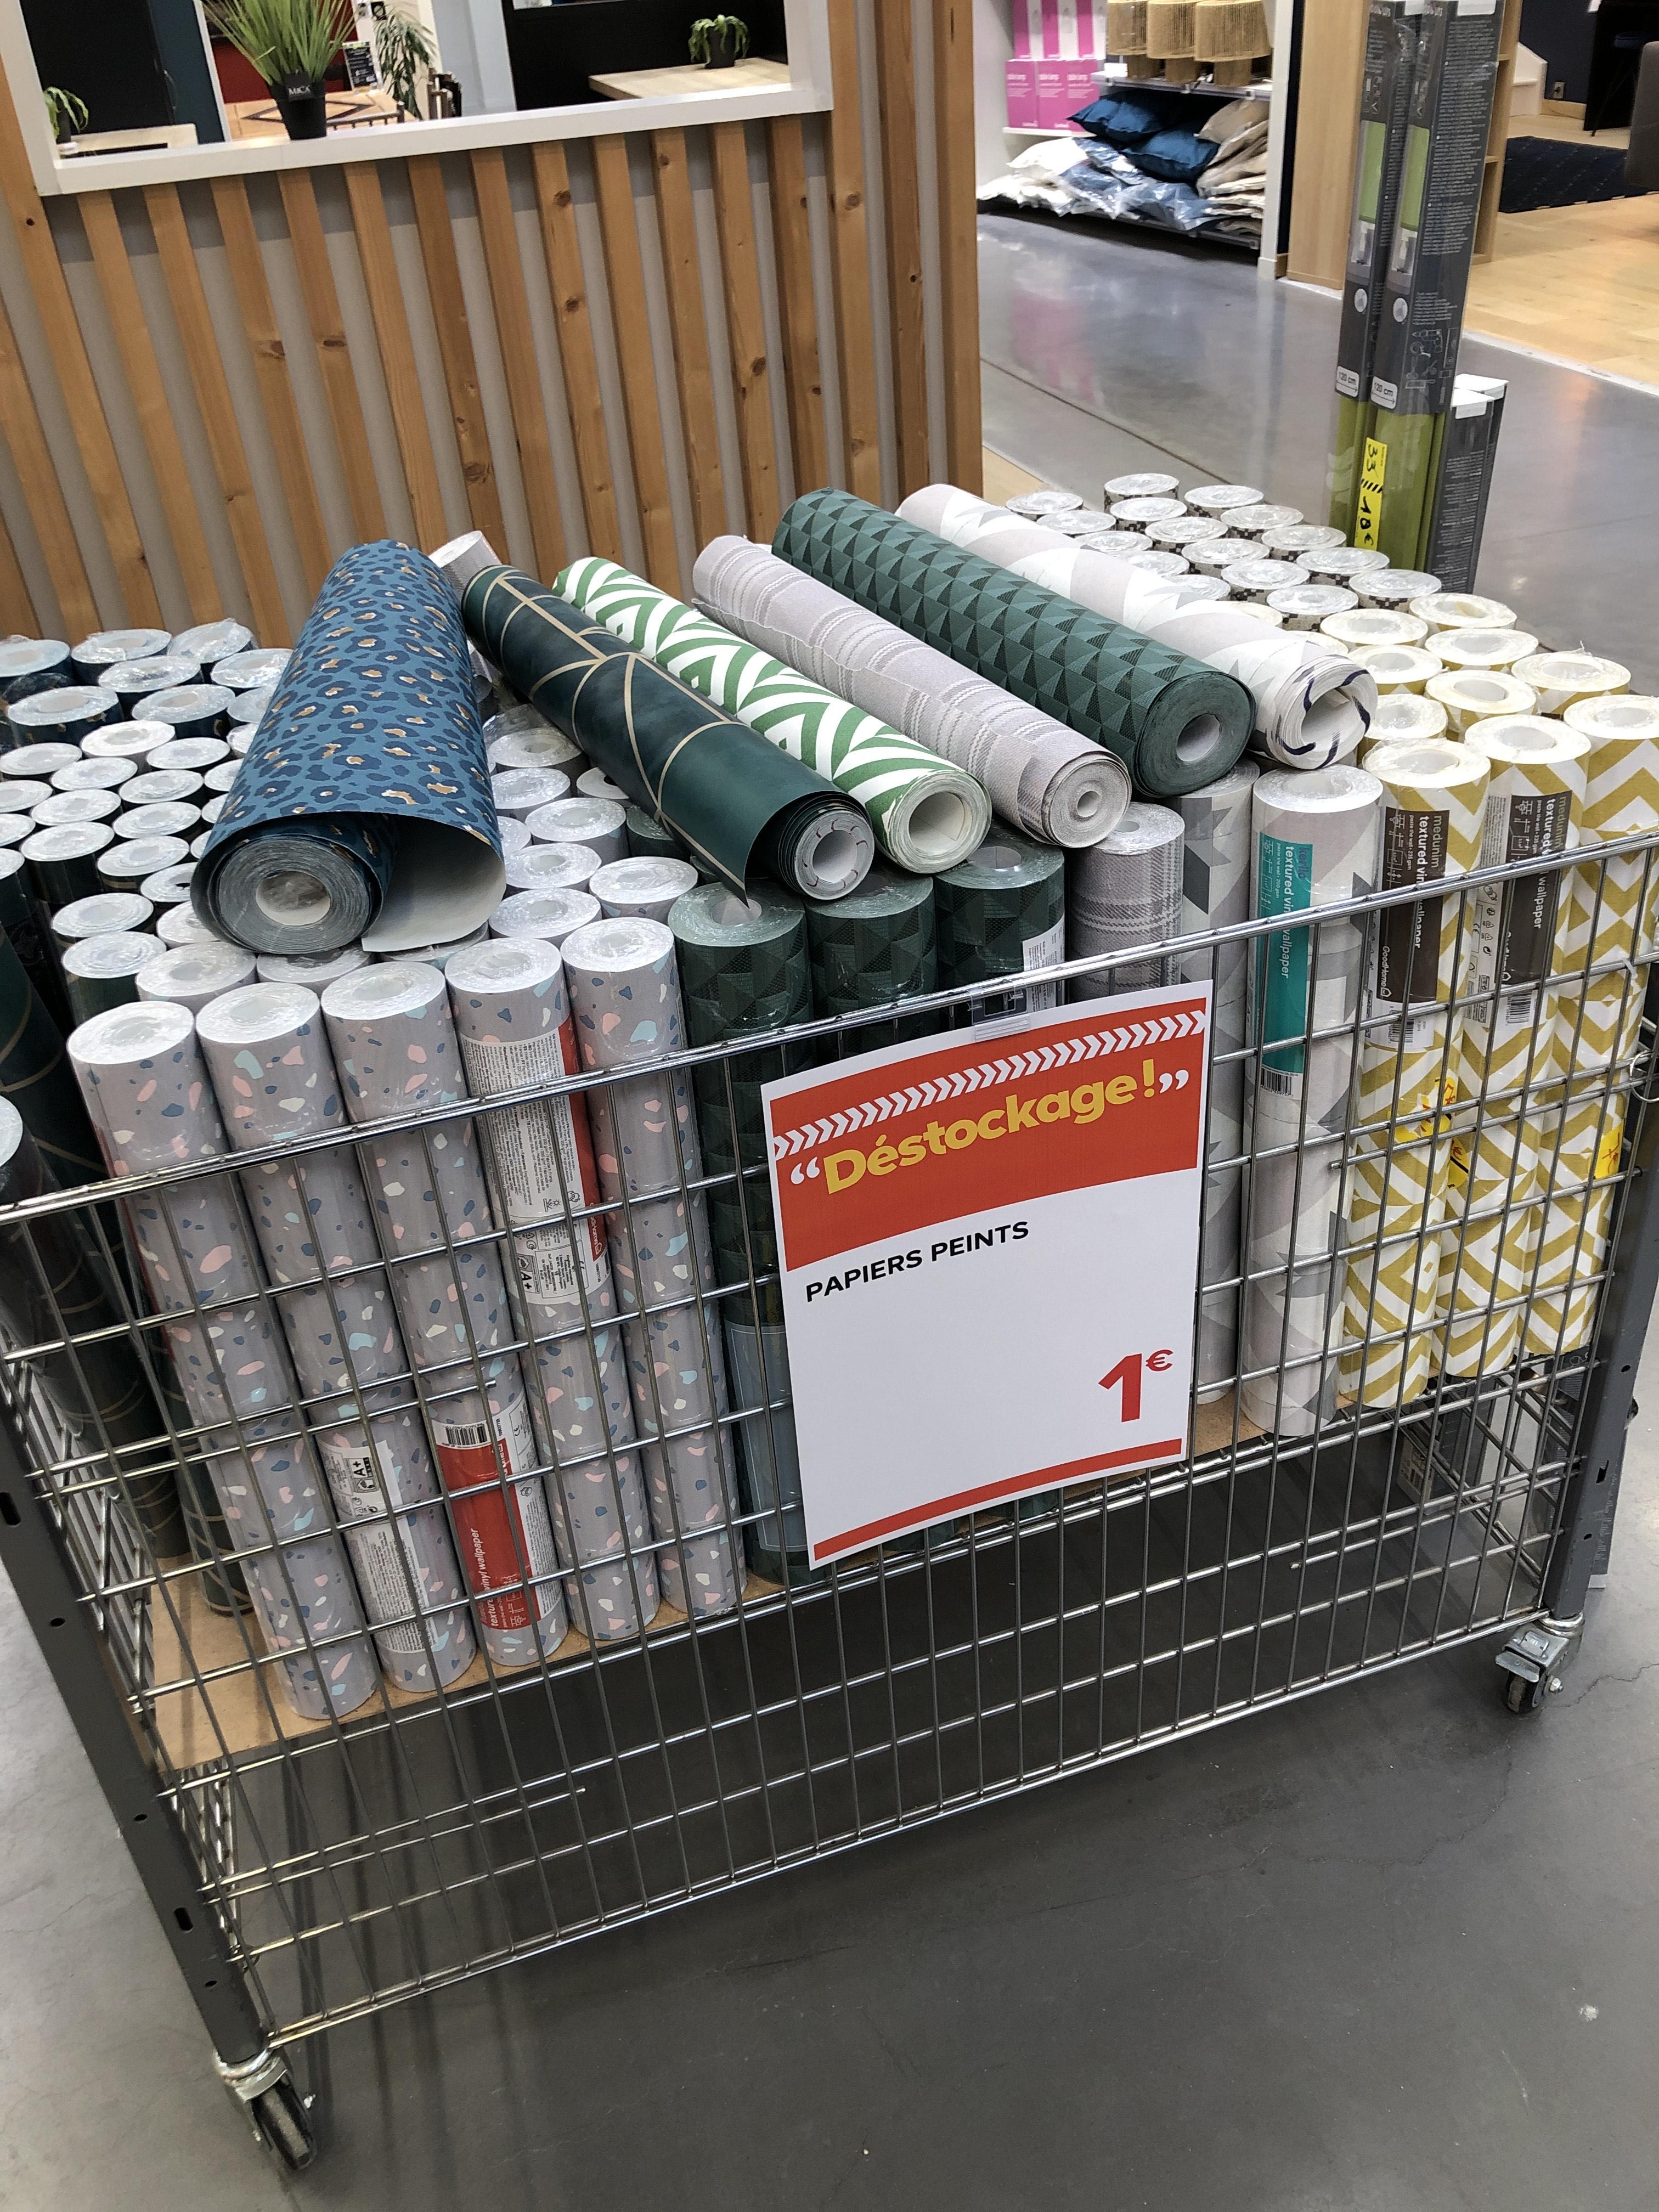 Ensemble de papier peint à 1€ - Castorama les ulis (91)